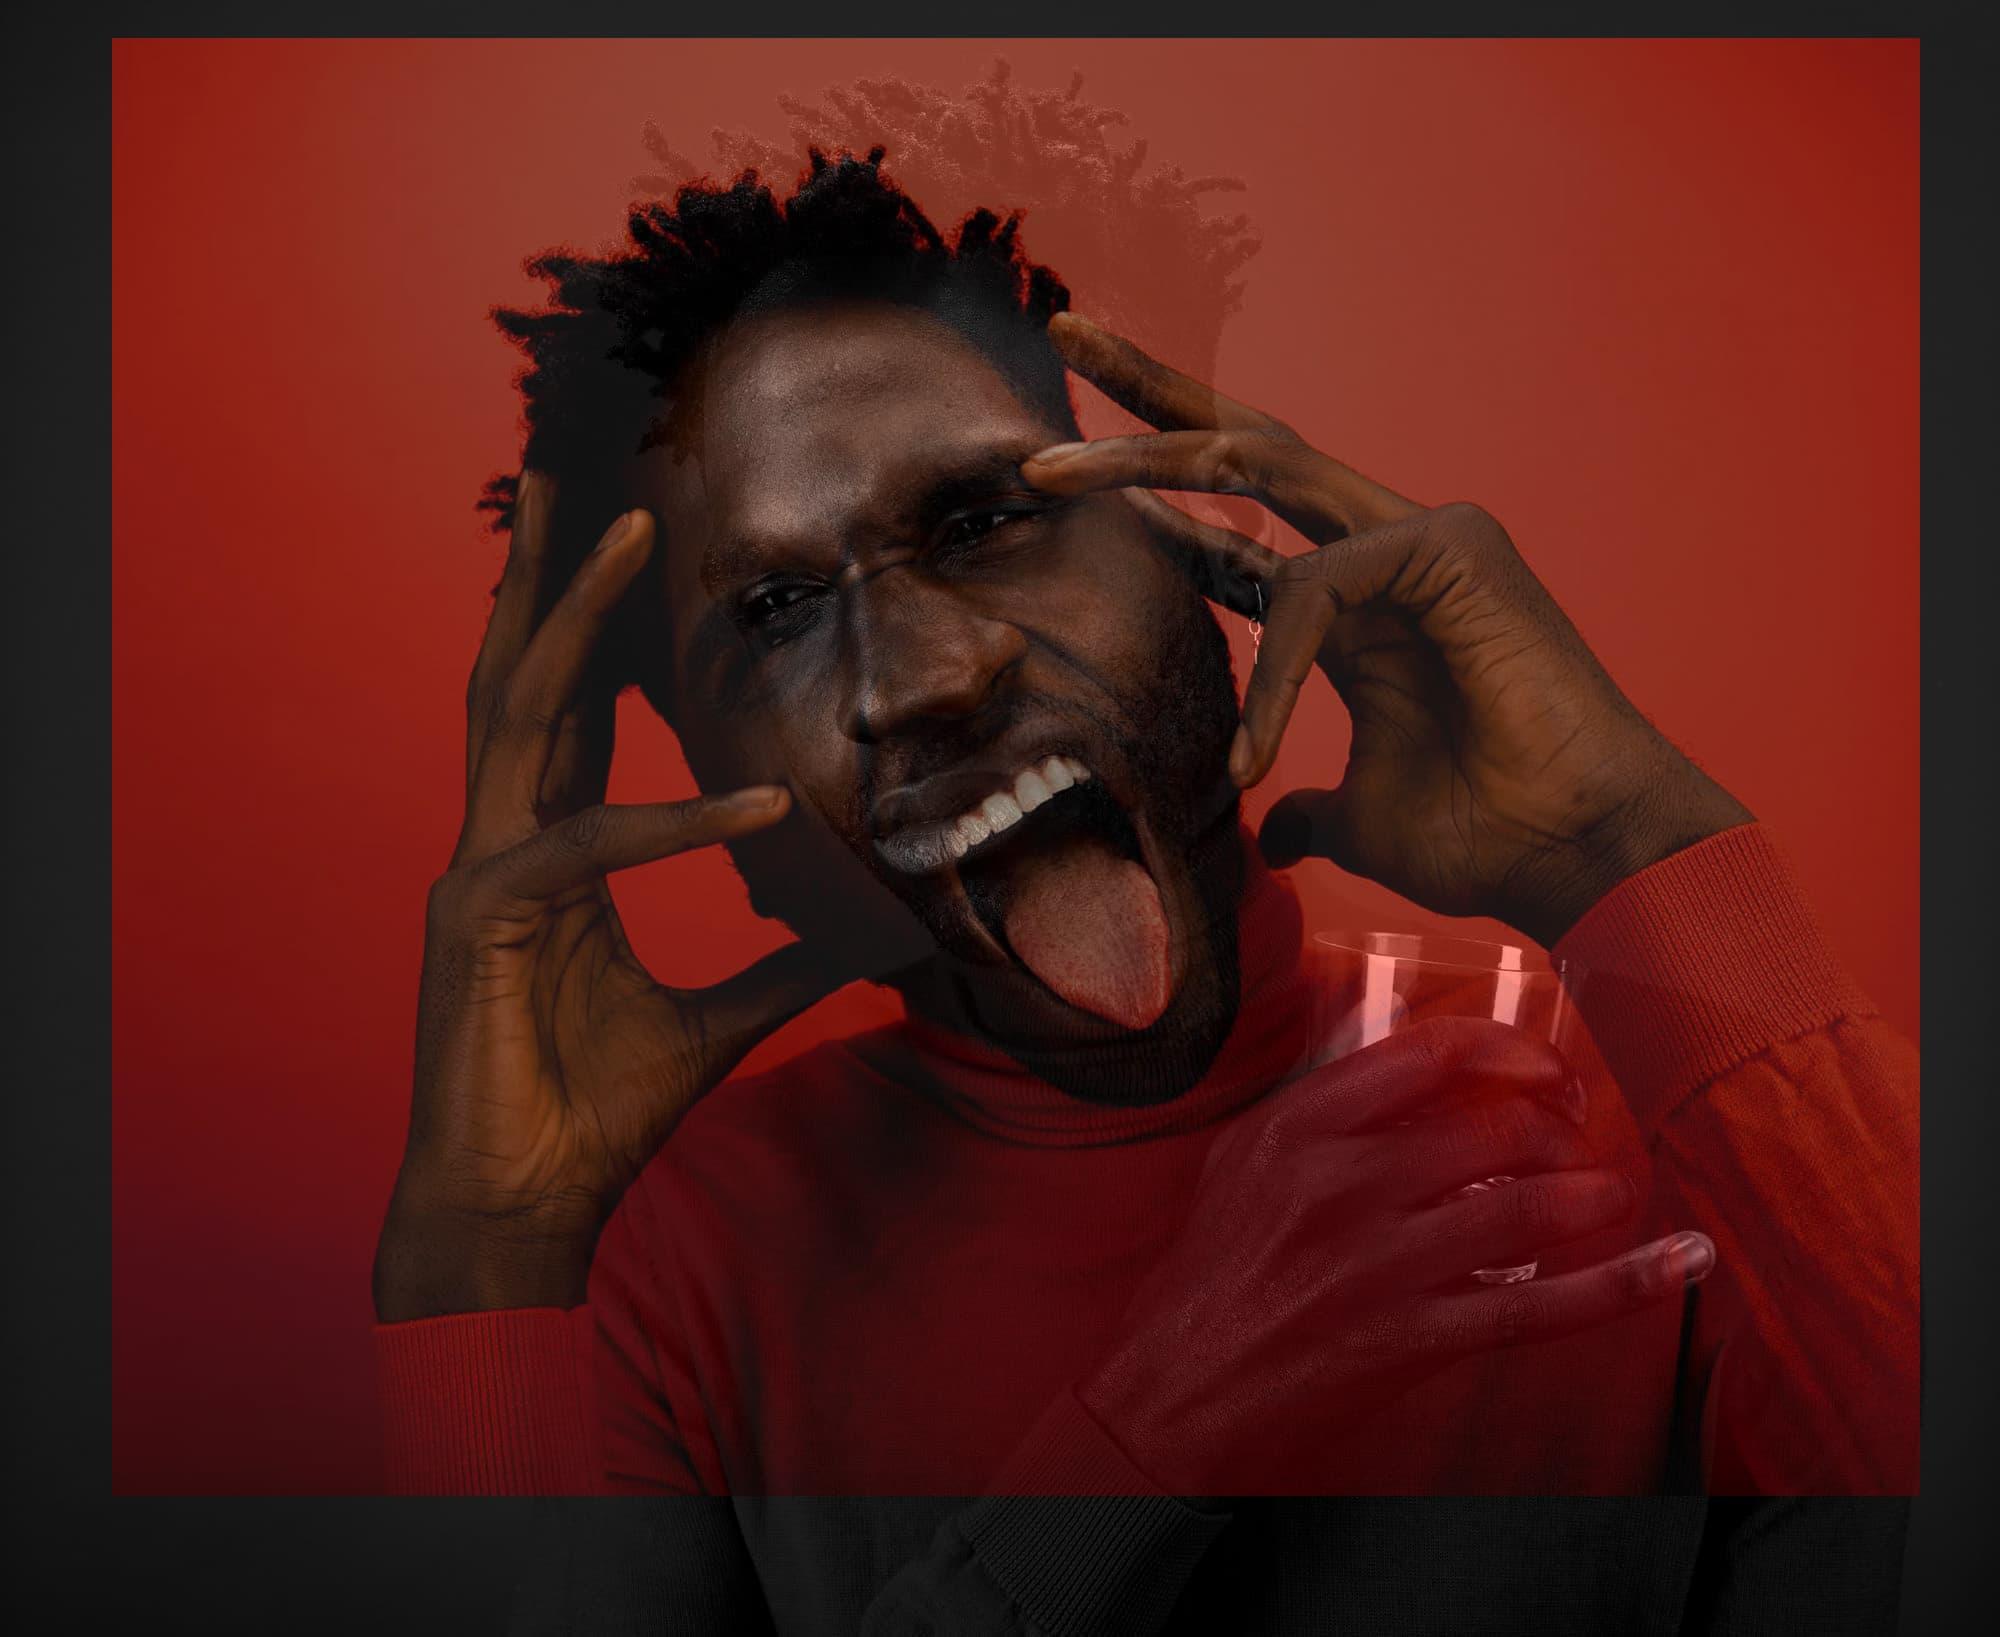 webseite-HolgerAltgeld-Pascal-Nkongo-Holger-Altgeld-001